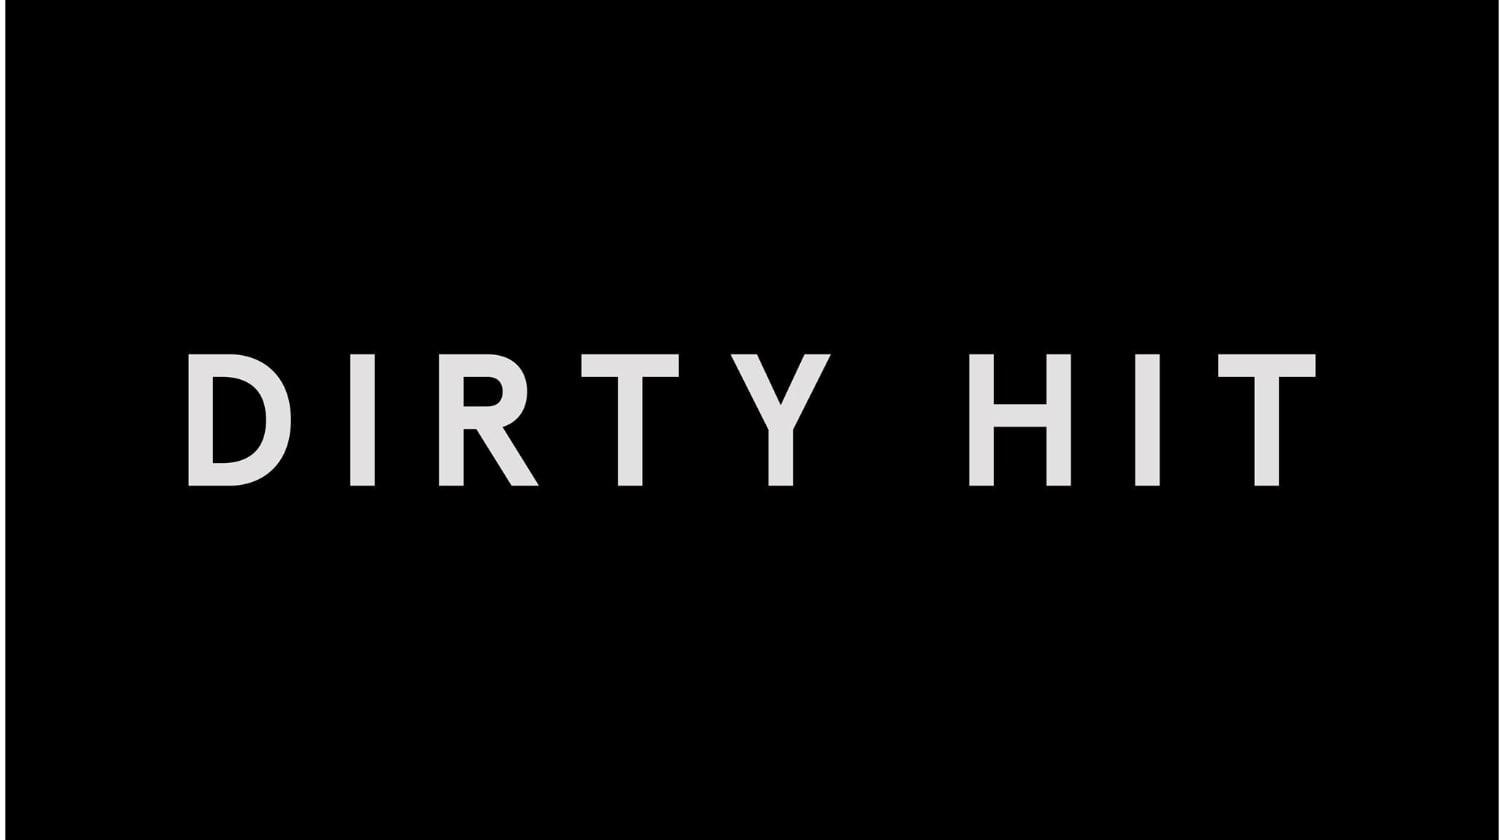 Dirty Hit